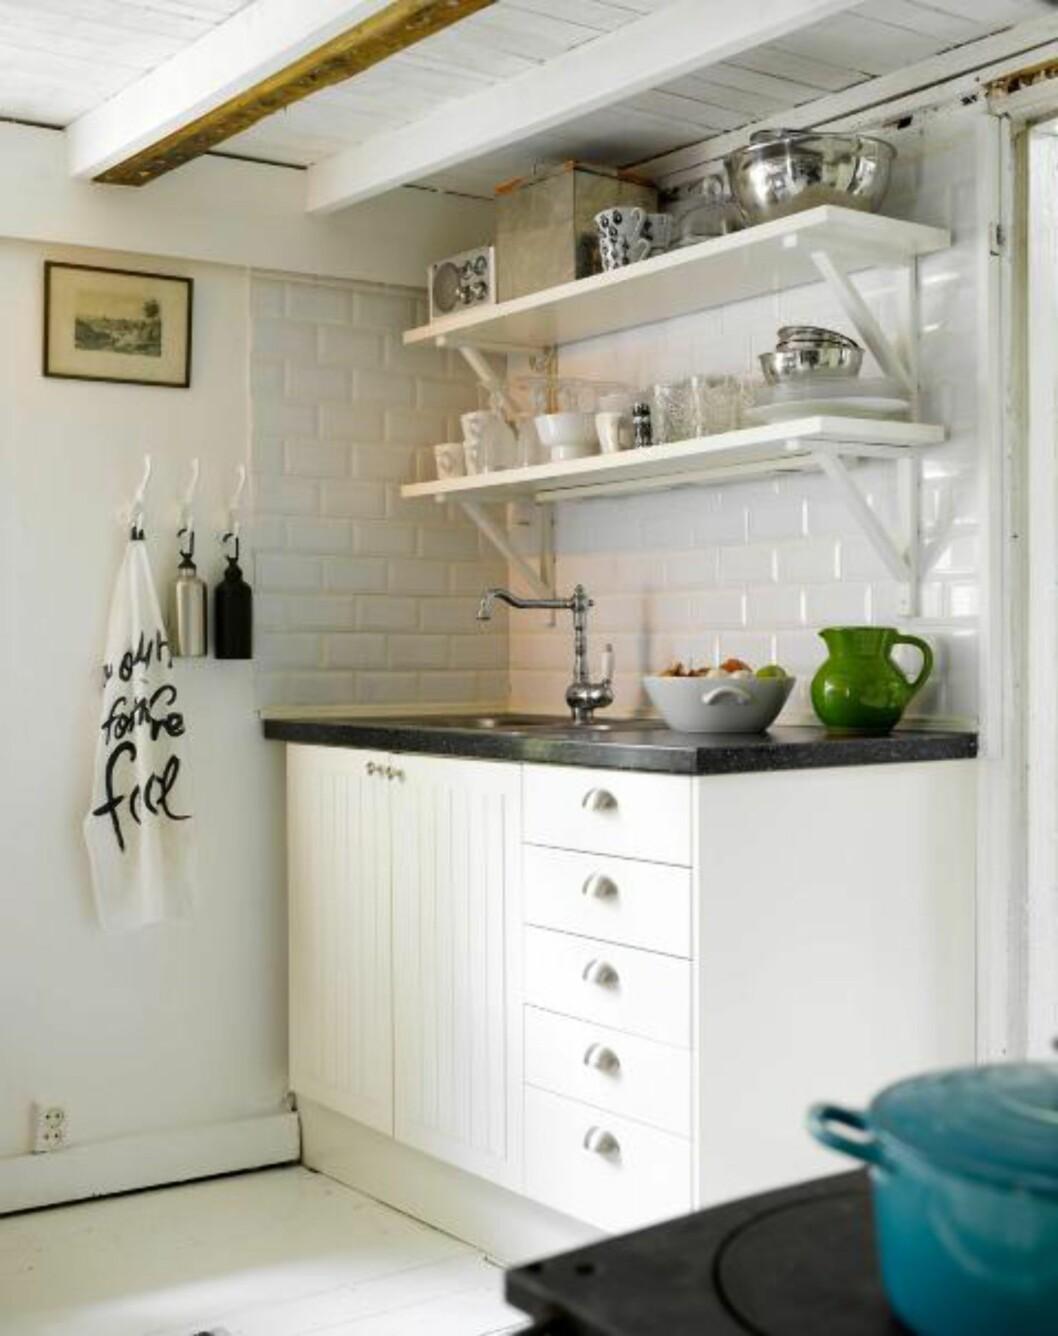 <strong>LANDLIG IDYLL:</strong> Det landlige kjøkkenet fra Ikea med åpne hyller passer perfekt på det fredelige, svenske torpet. Også her kan kopper og kar byttes ut for å endre uttrykket på kjøkkenet. Foto: Per Erik Jæger